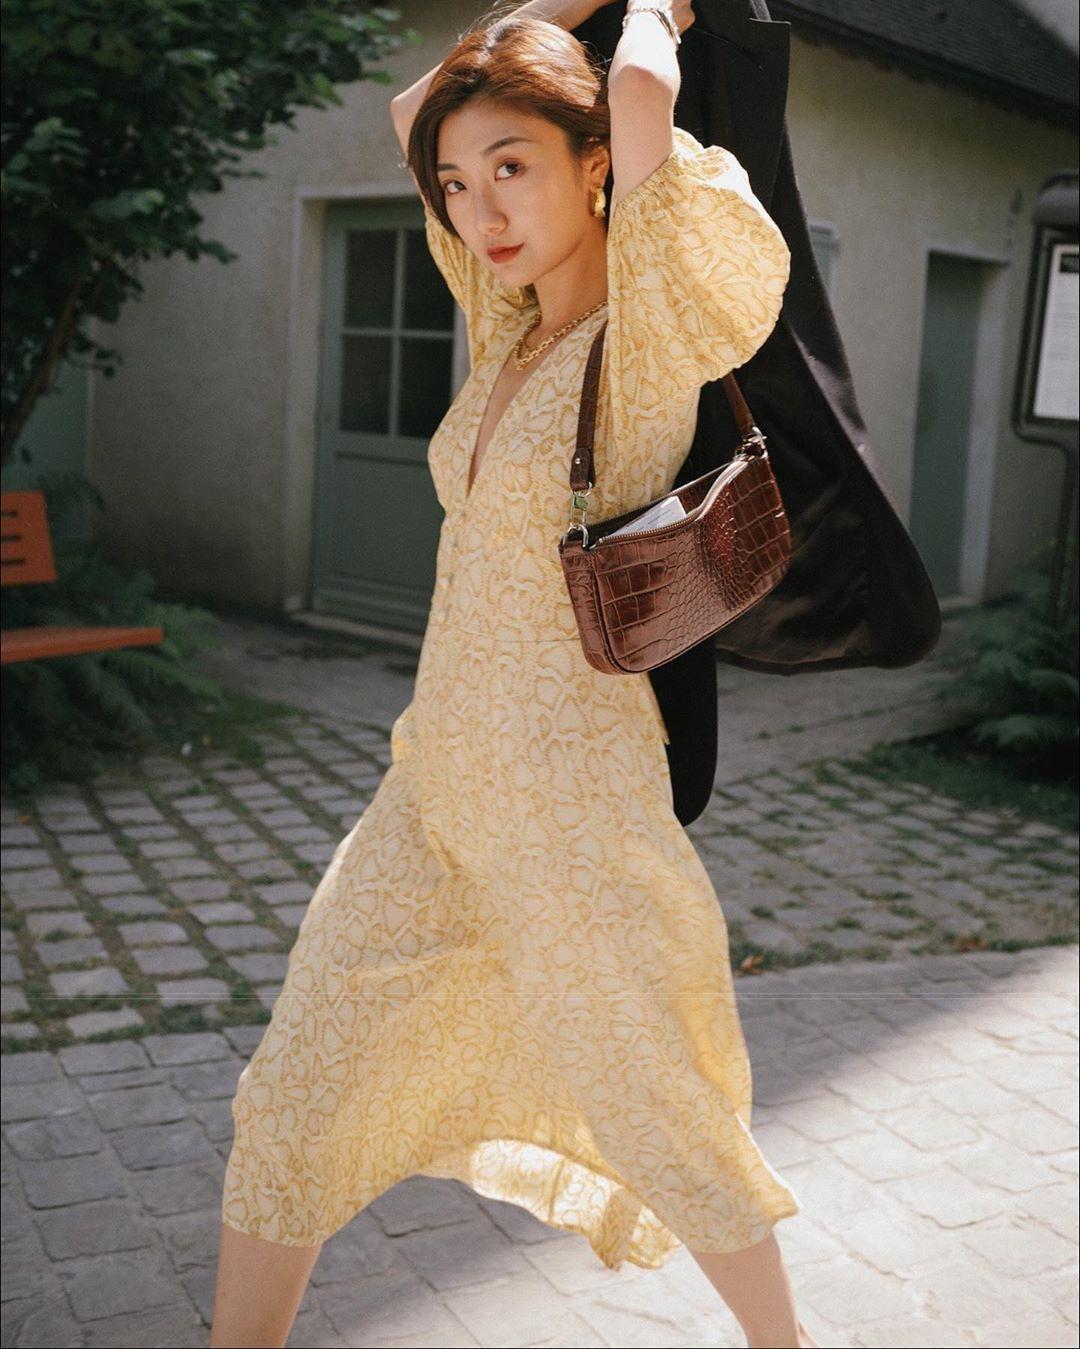 """4 mẫu váy đơn giản nhưng thừa độ sang chảnh, tinh tế giúp style của chị em """"sang trang"""" mới huy hoàng - Ảnh 13"""